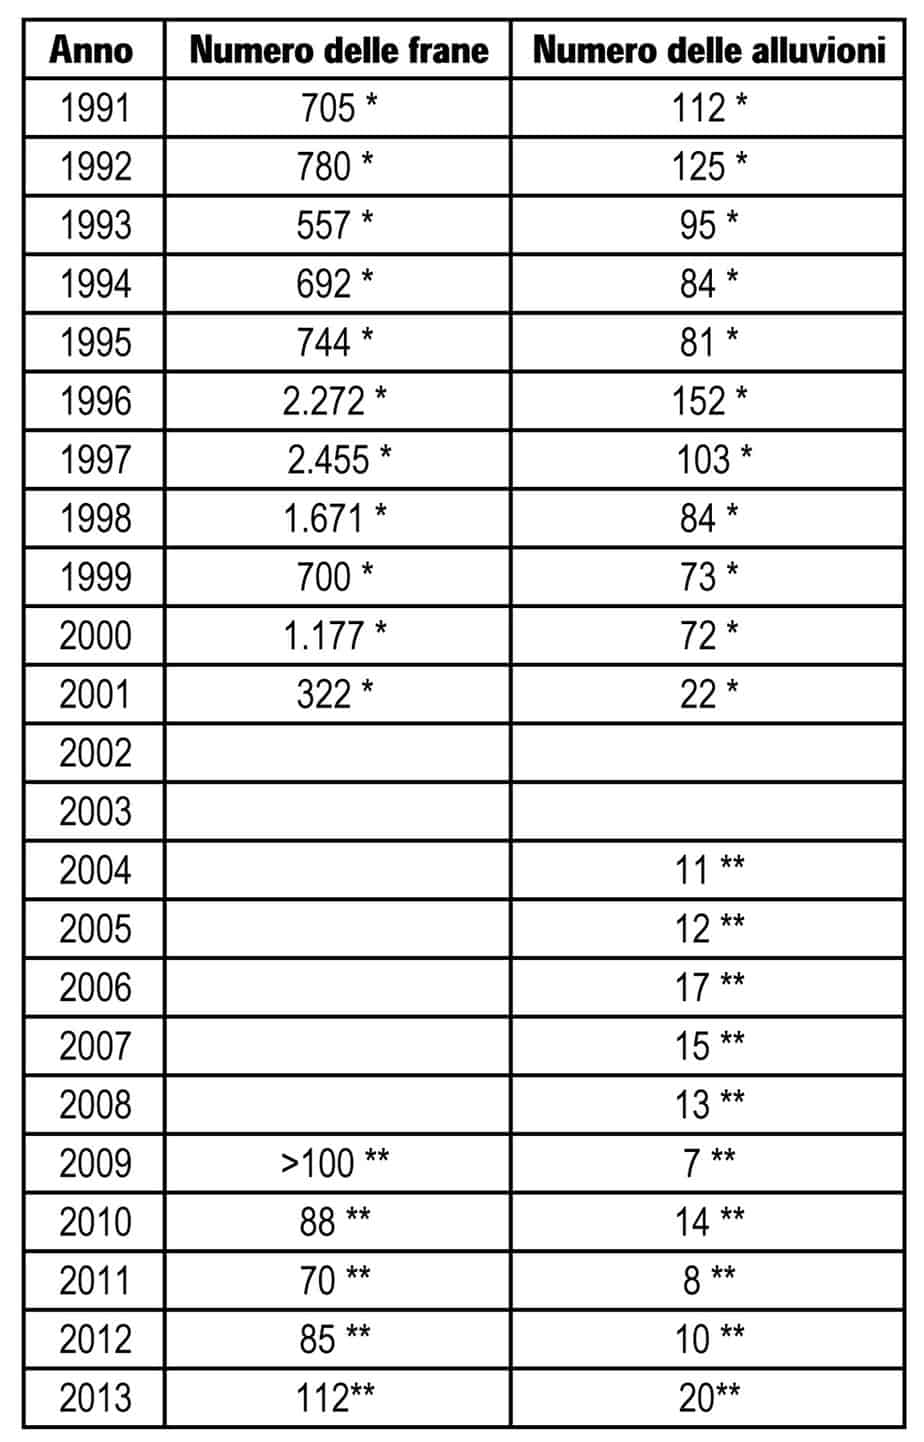 Il numero di frane e alluvioni catalogate in Italia per anno (* Fonte AVI; ** Fonte Annuario Dati Ambientali ISPRA 2013)